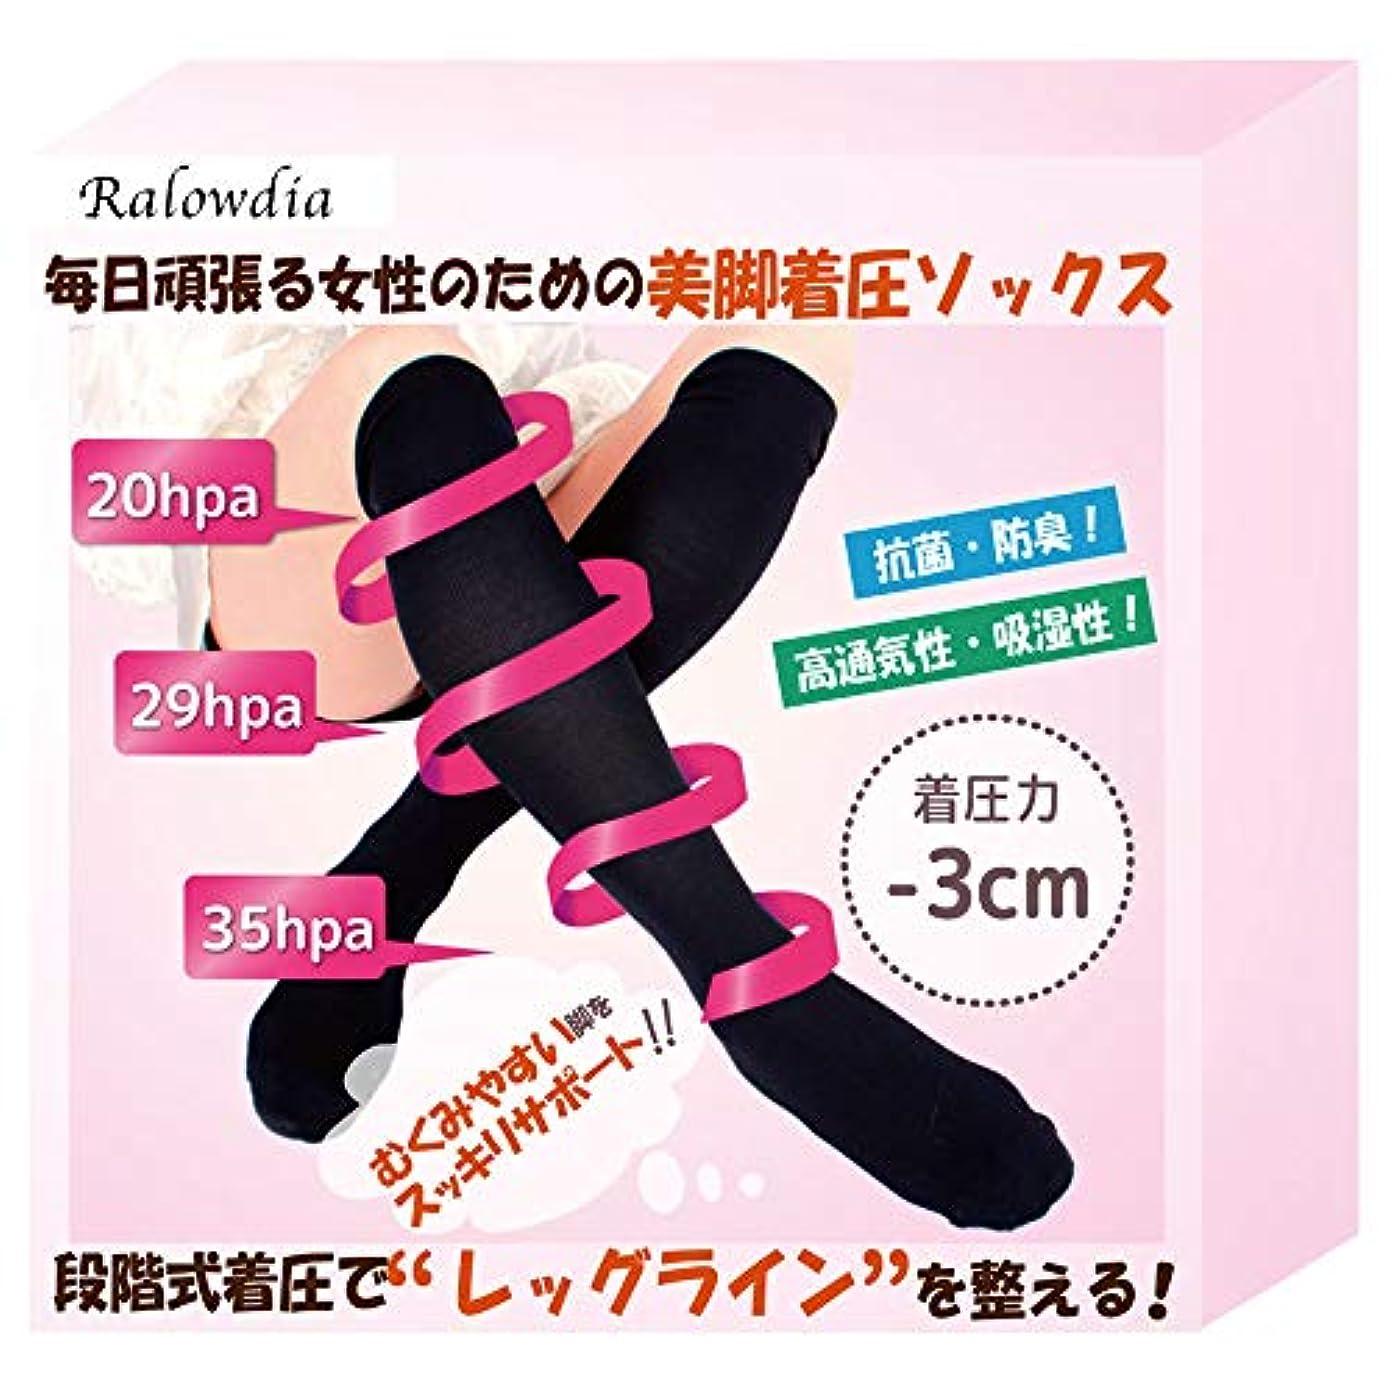 アルプスあいにく可動着圧ソックス 美脚 加圧 靴下 妊婦 むくみ リンパ フライト 就寝時に 「Ralowdia」